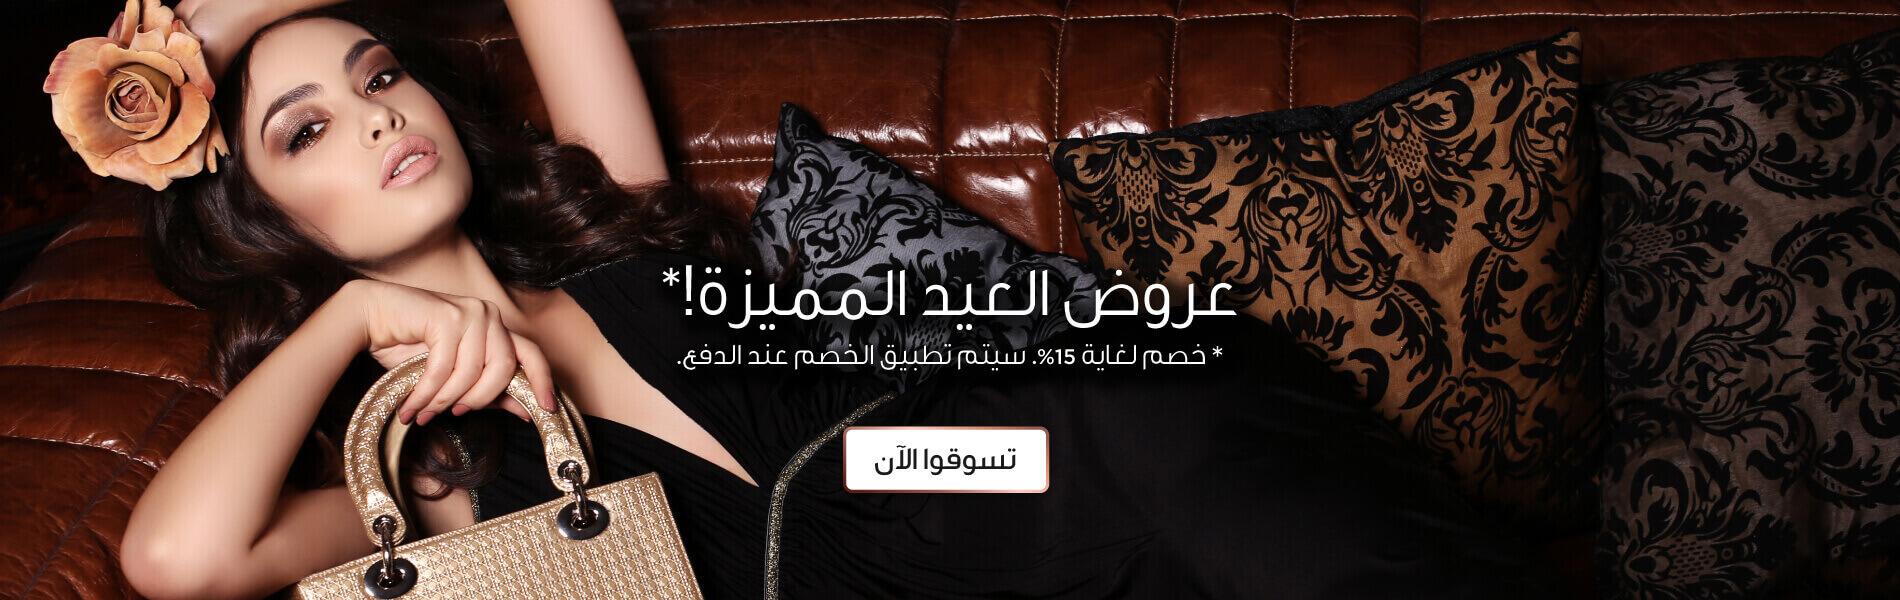 website banner A